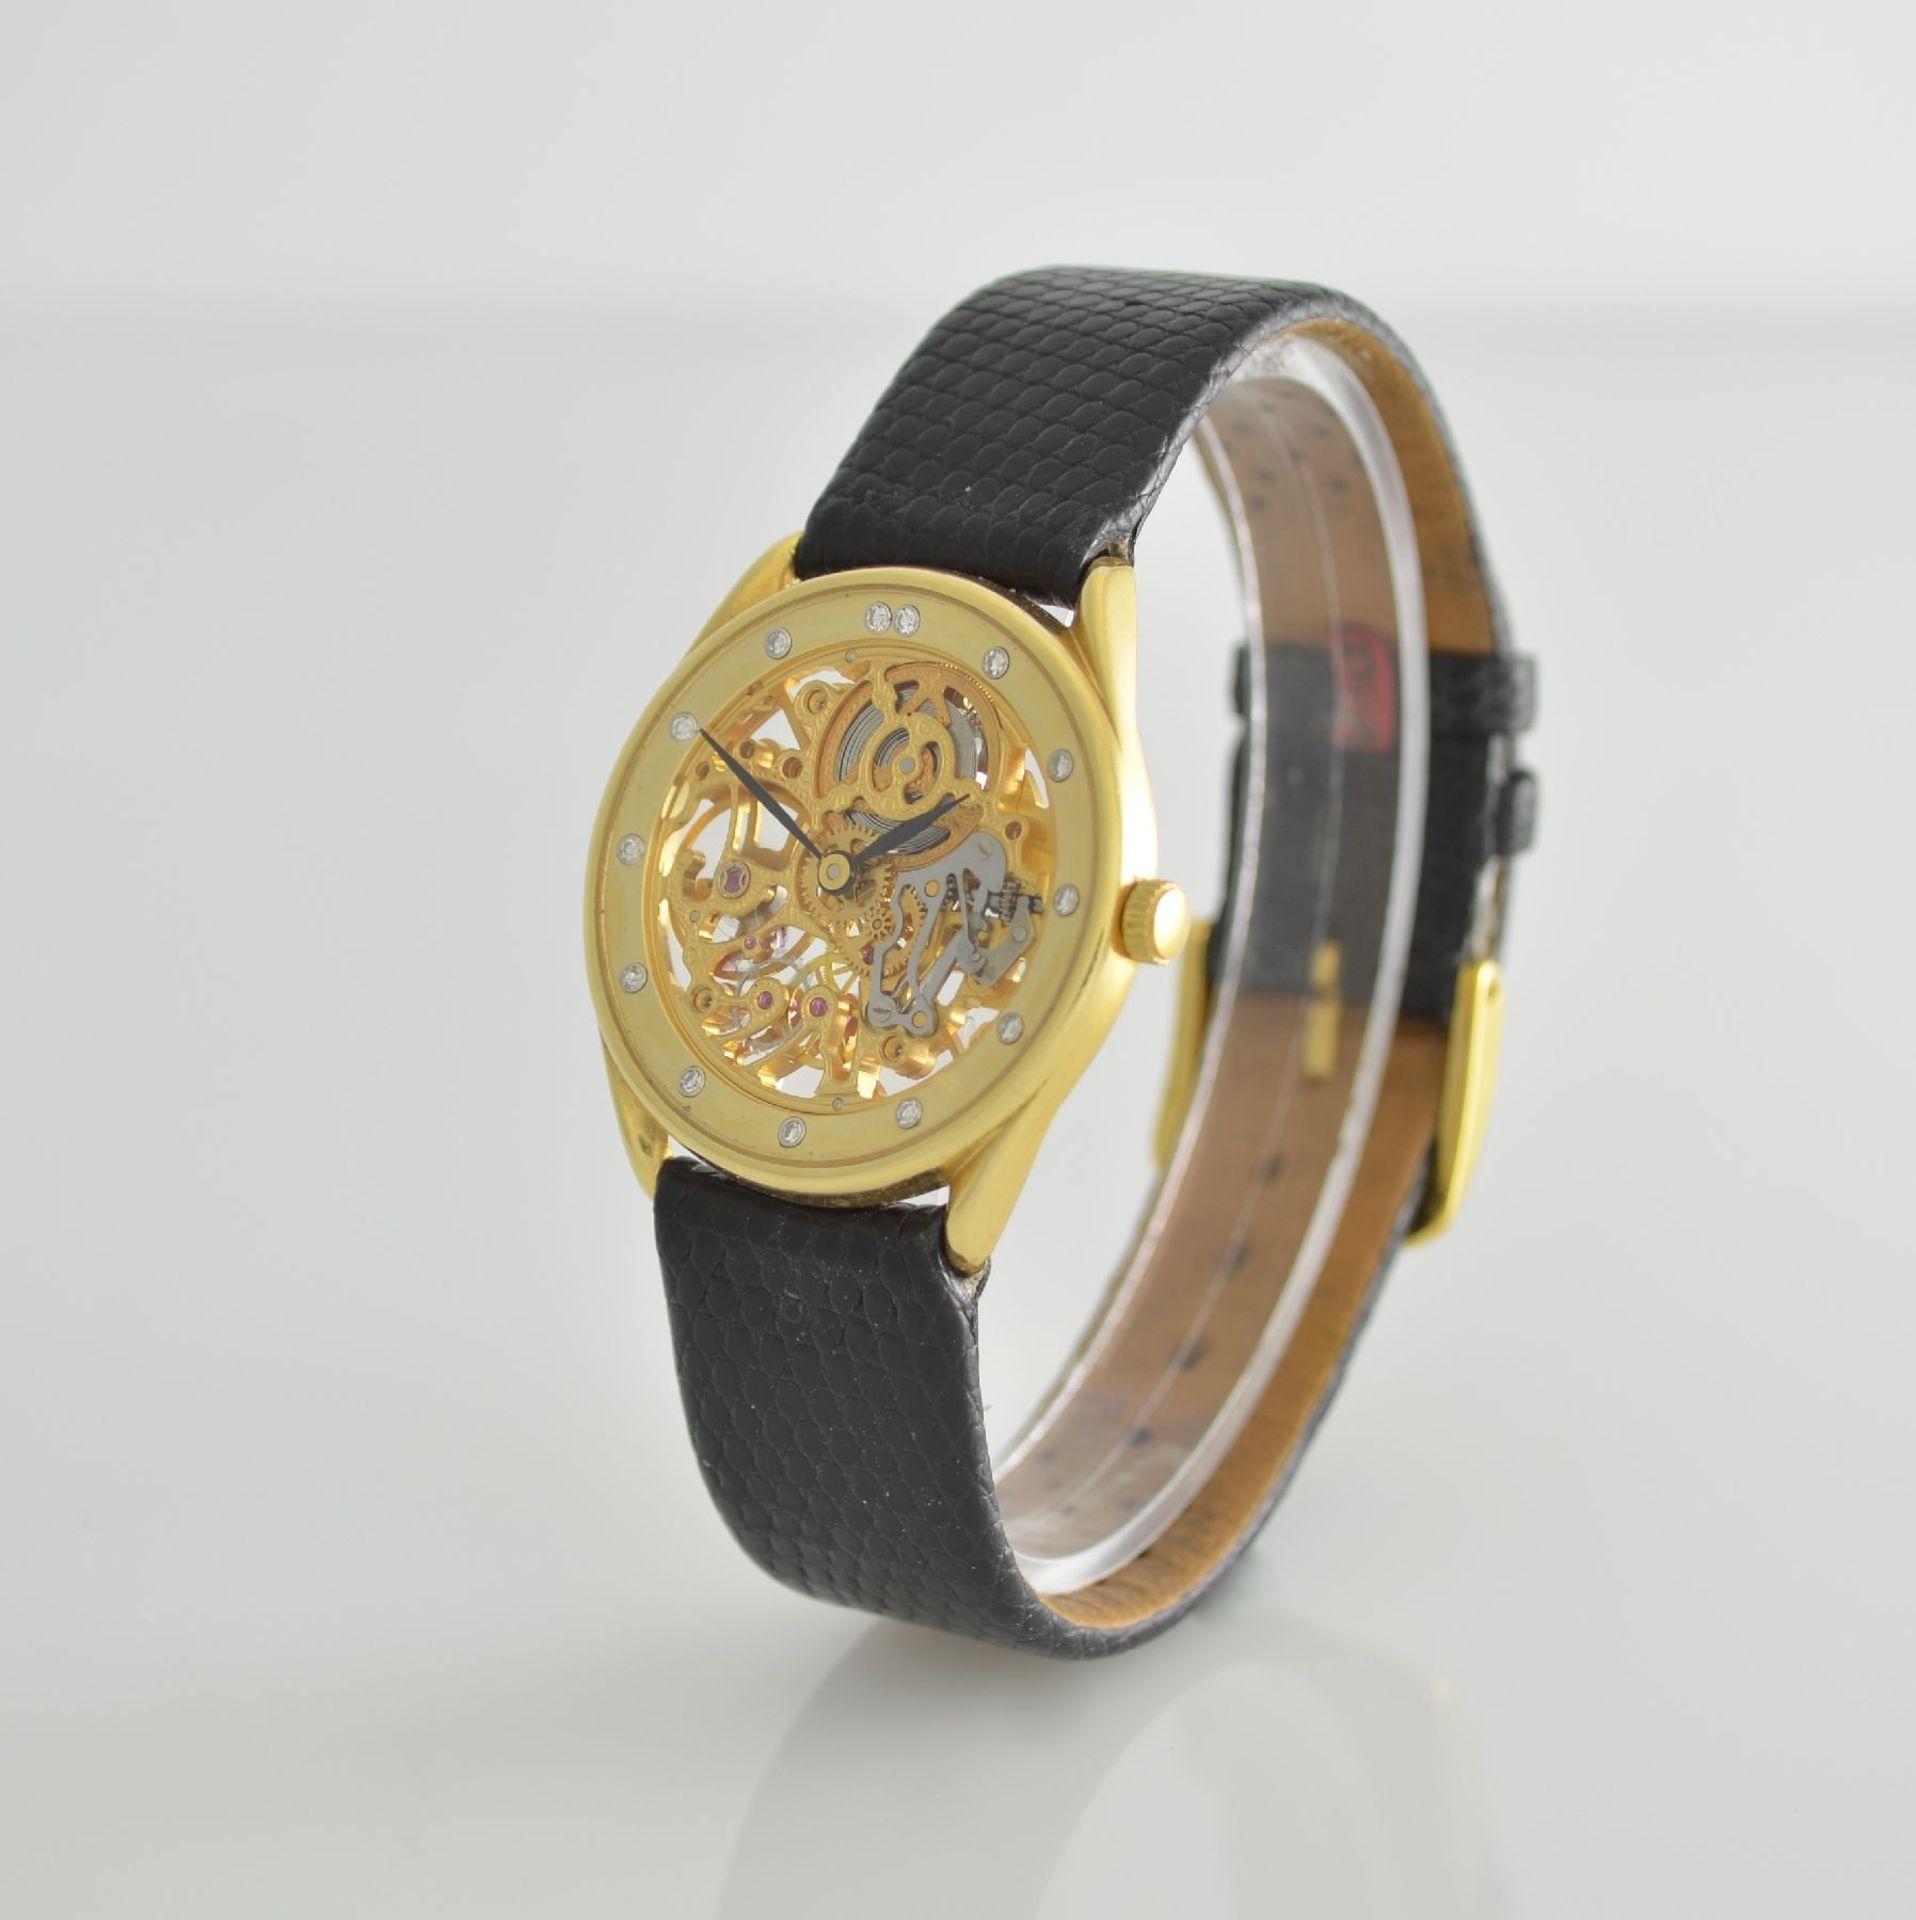 Skelettierte Armbanduhr in GG 750/000, Schweiz 1980er Jahre, Zifferblatt m. 12 Diamant-Indexen, - Bild 3 aus 6